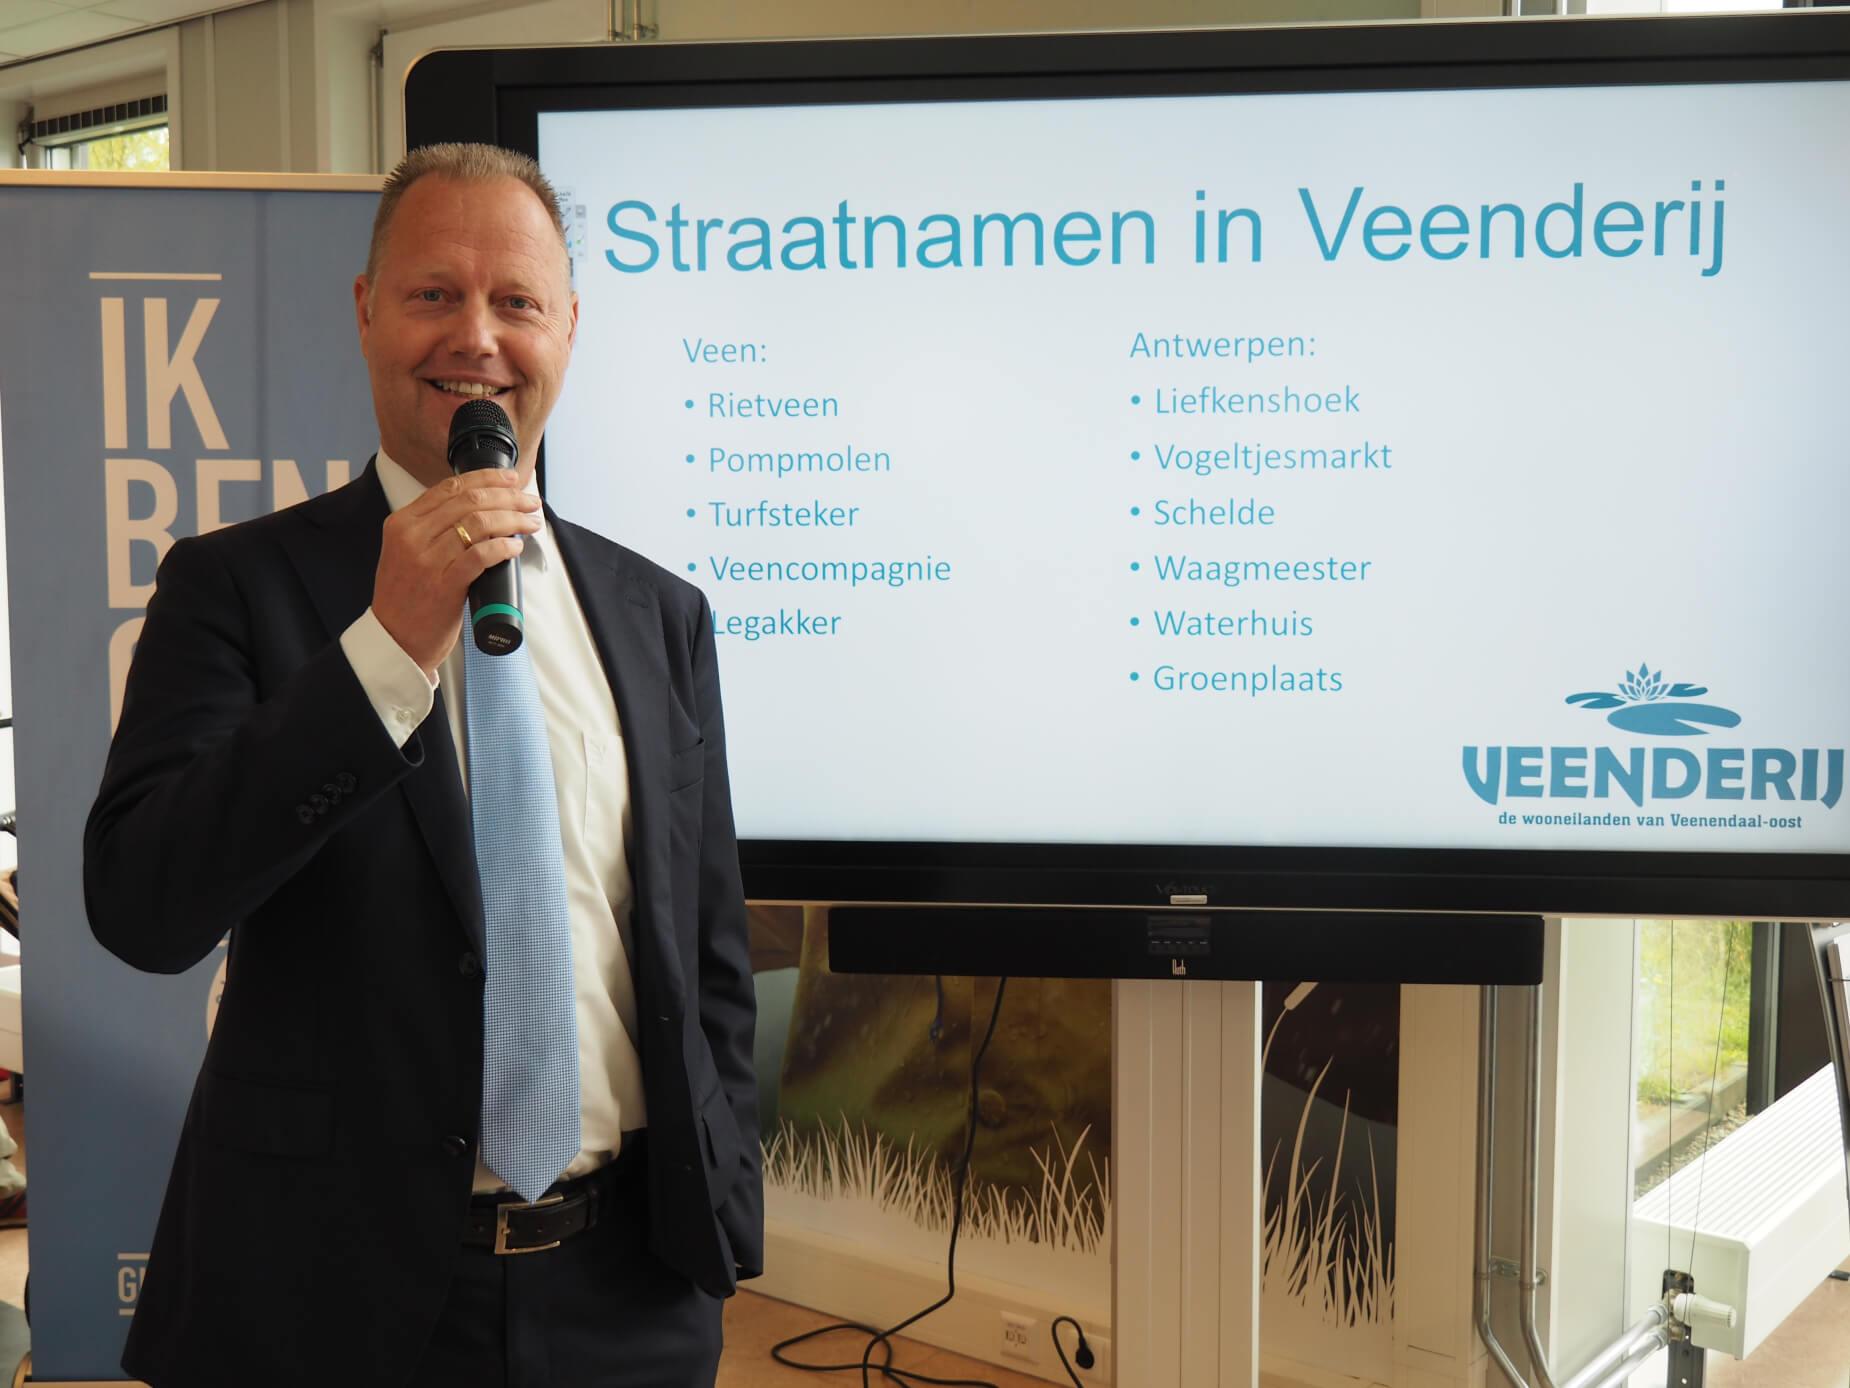 wethouder Stroobosscher straatnamen Veenderij